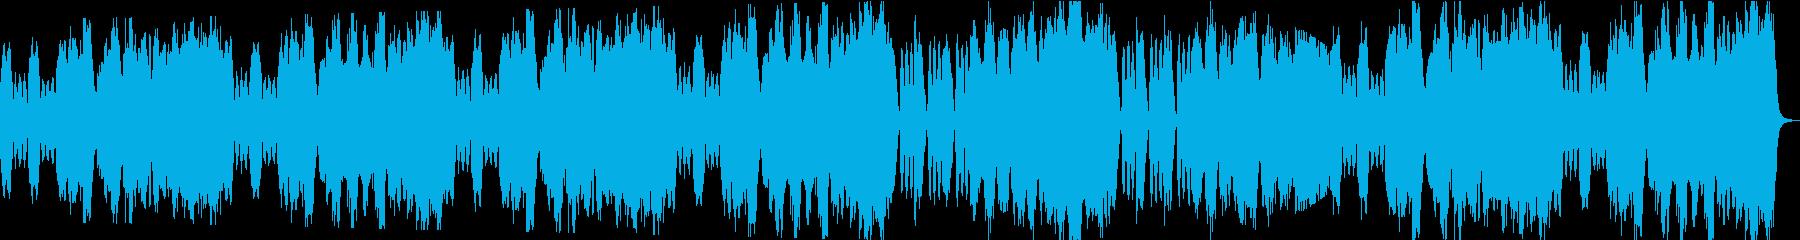 優雅なBGMの再生済みの波形